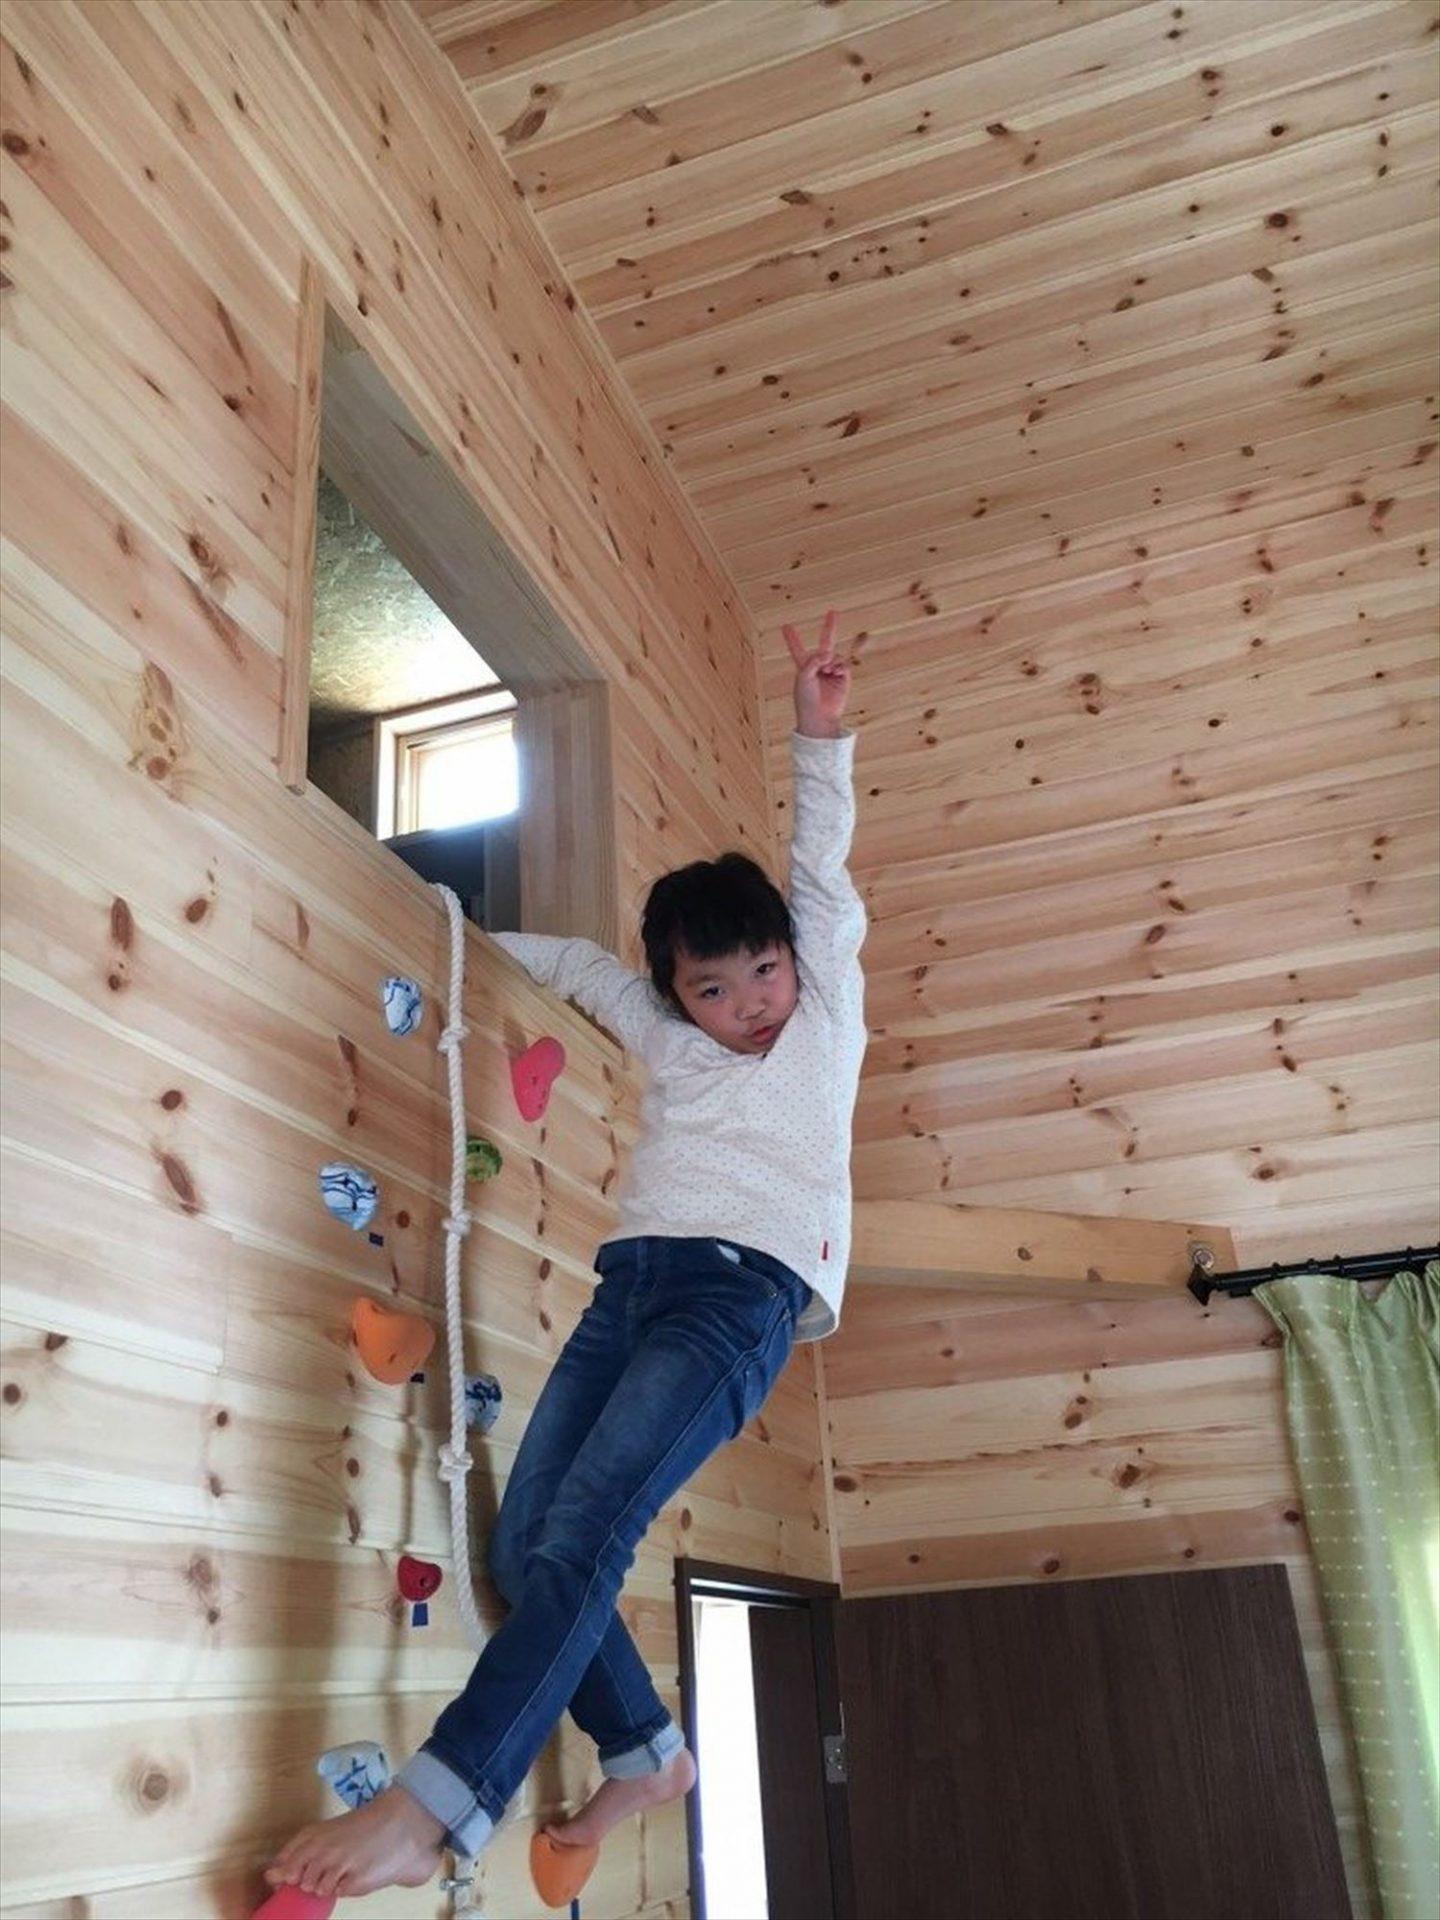 ボルダリング|ログハウスのような木の家を低価格で建てるならエイ・ワン